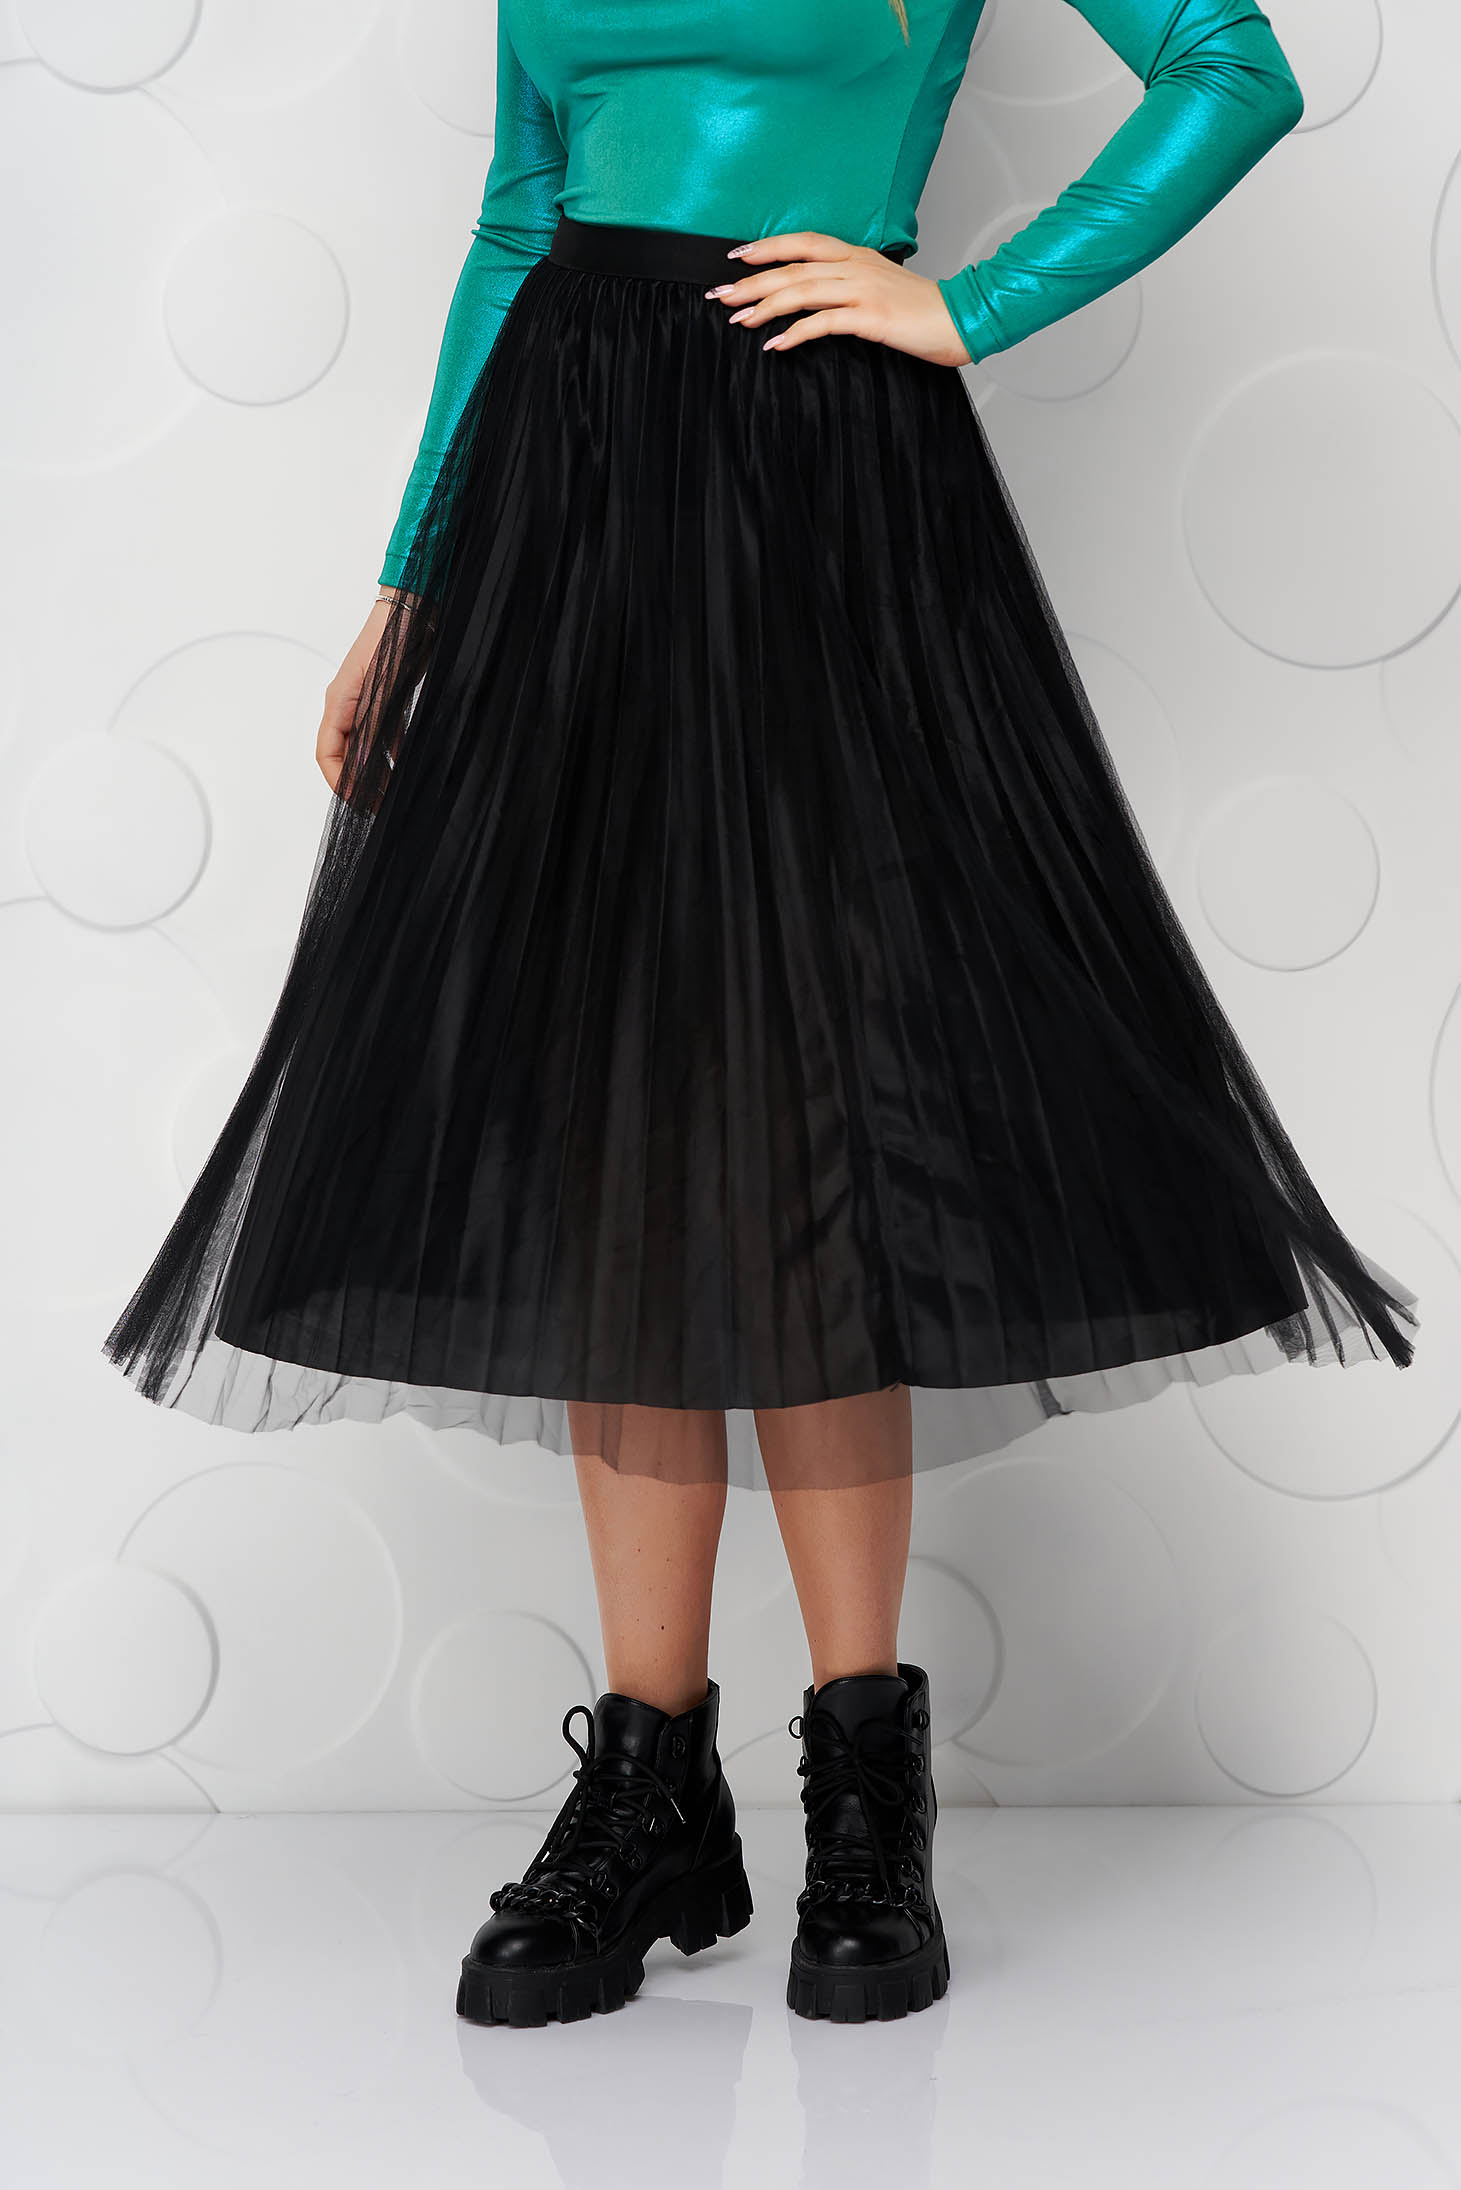 Fekete gumírozott derekú rakott, pliszírozott midi party tüll szoknya szaténból